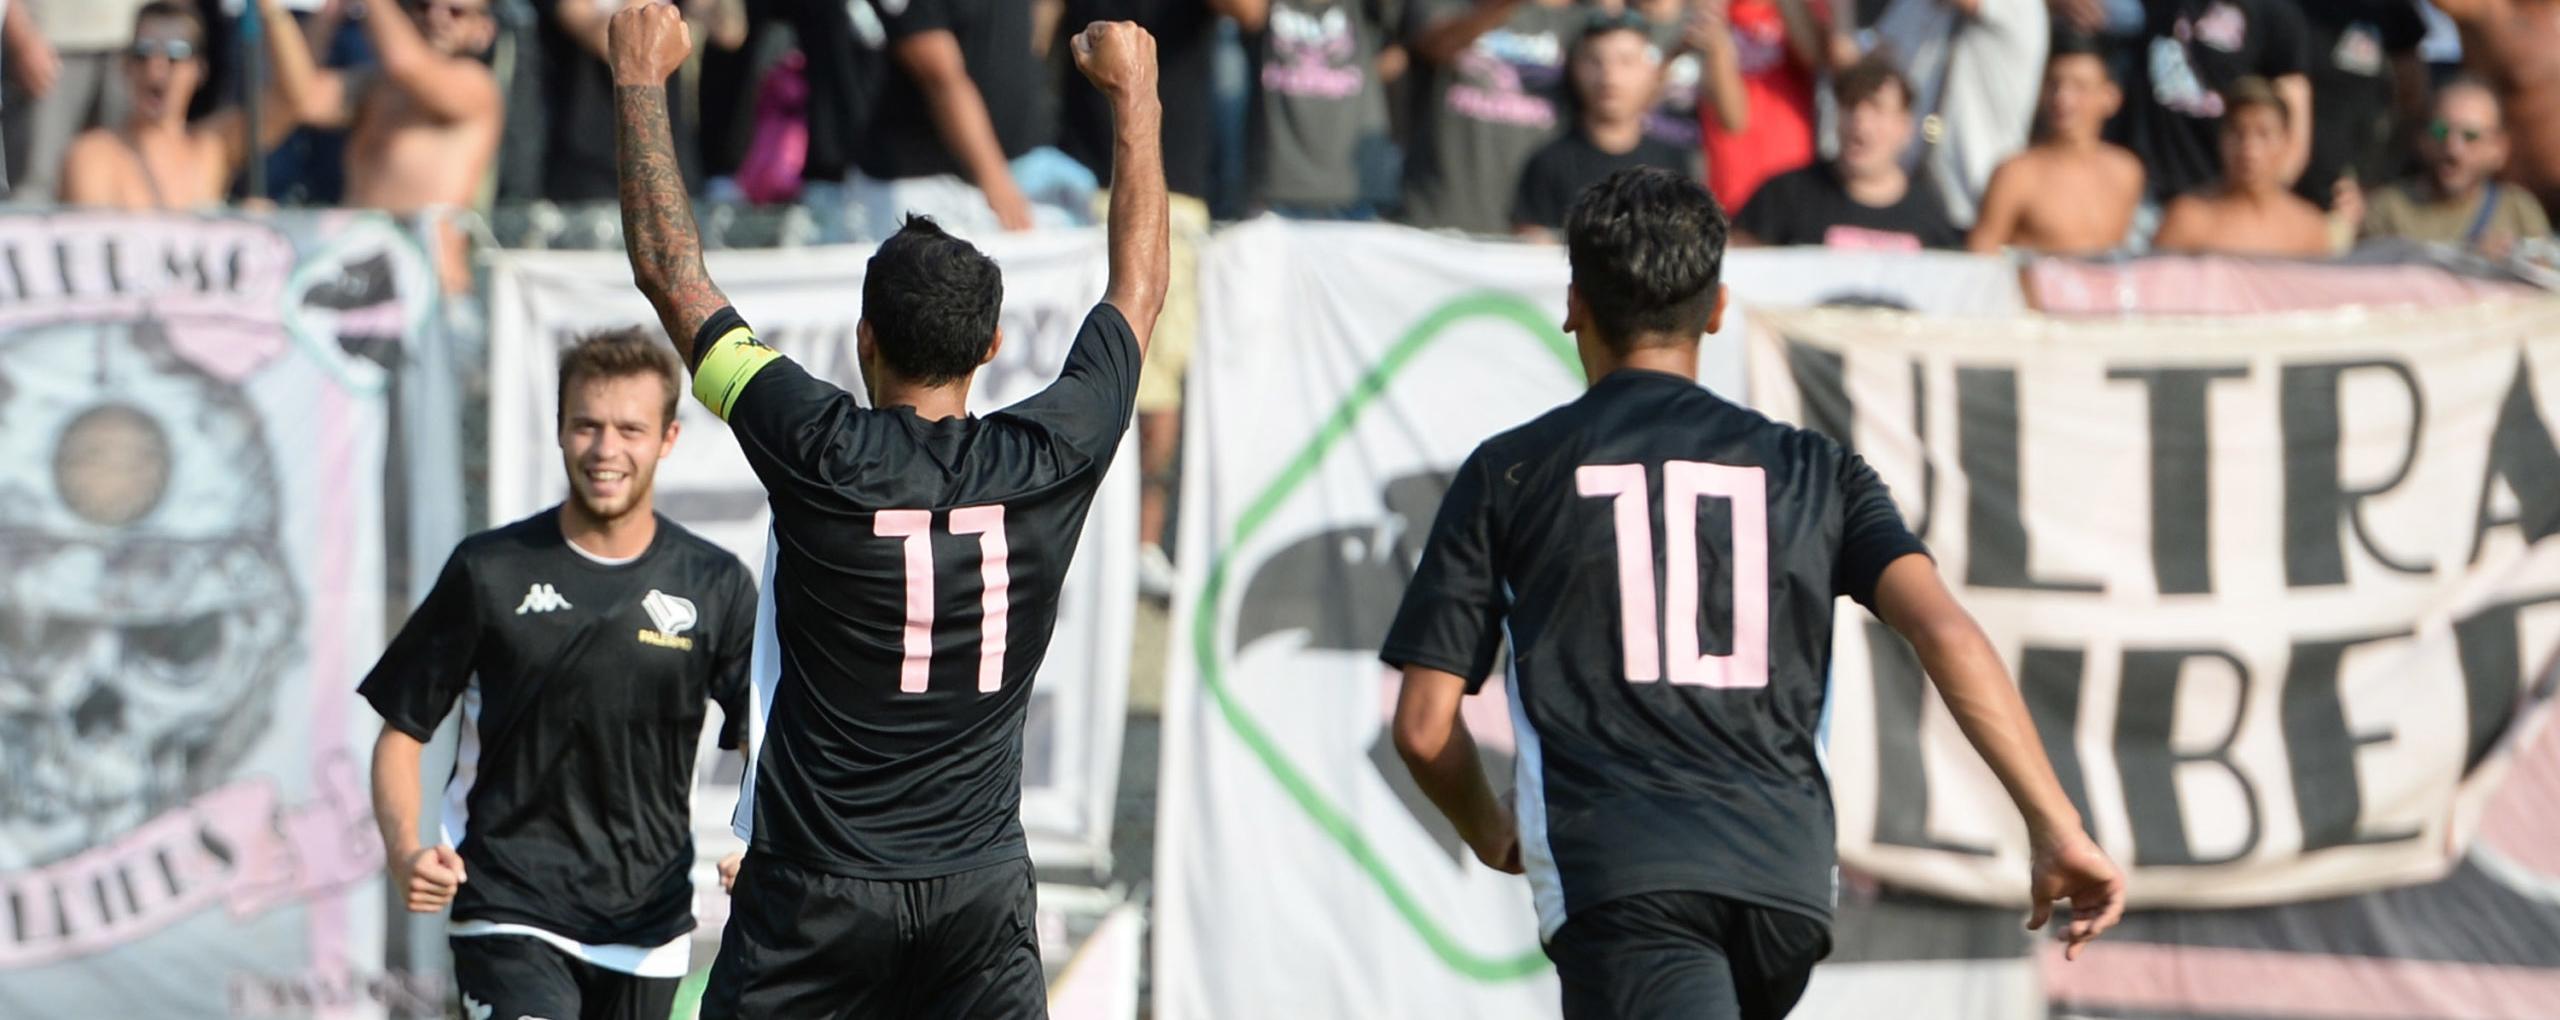 Pronostici Serie C: Palermo e Perugia ci riprovano, derby lariano d'alta quota